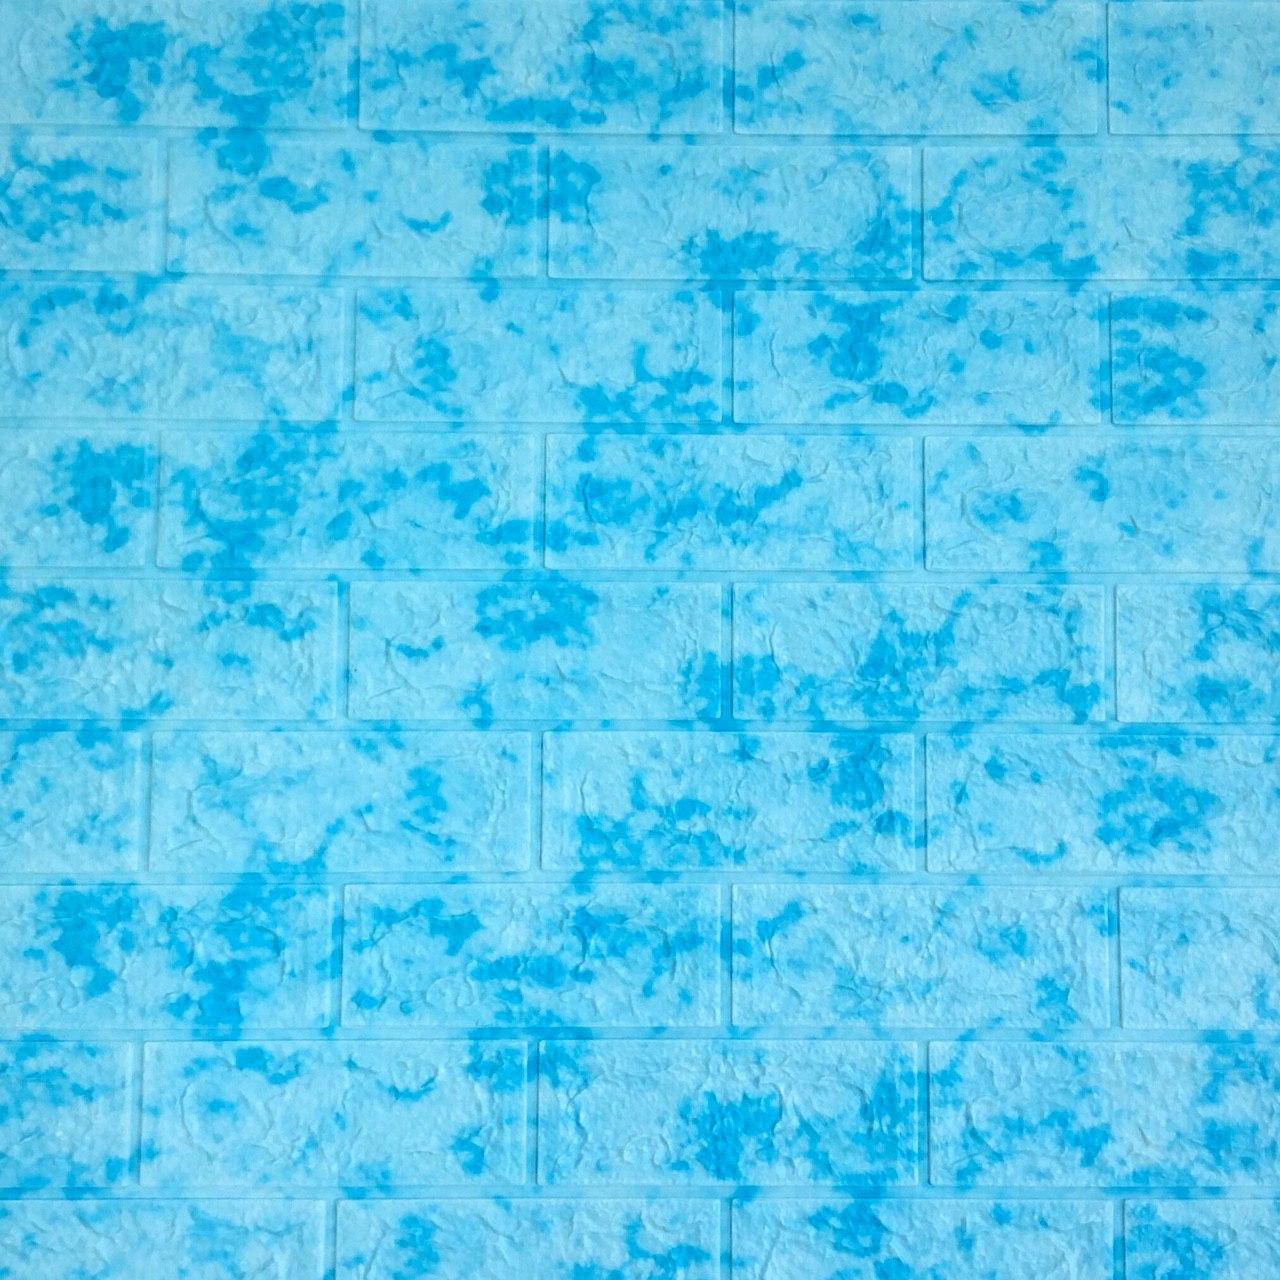 Самоклеюча декоративна 3D панель під цеглу блакитний мармур 700х770х7мм